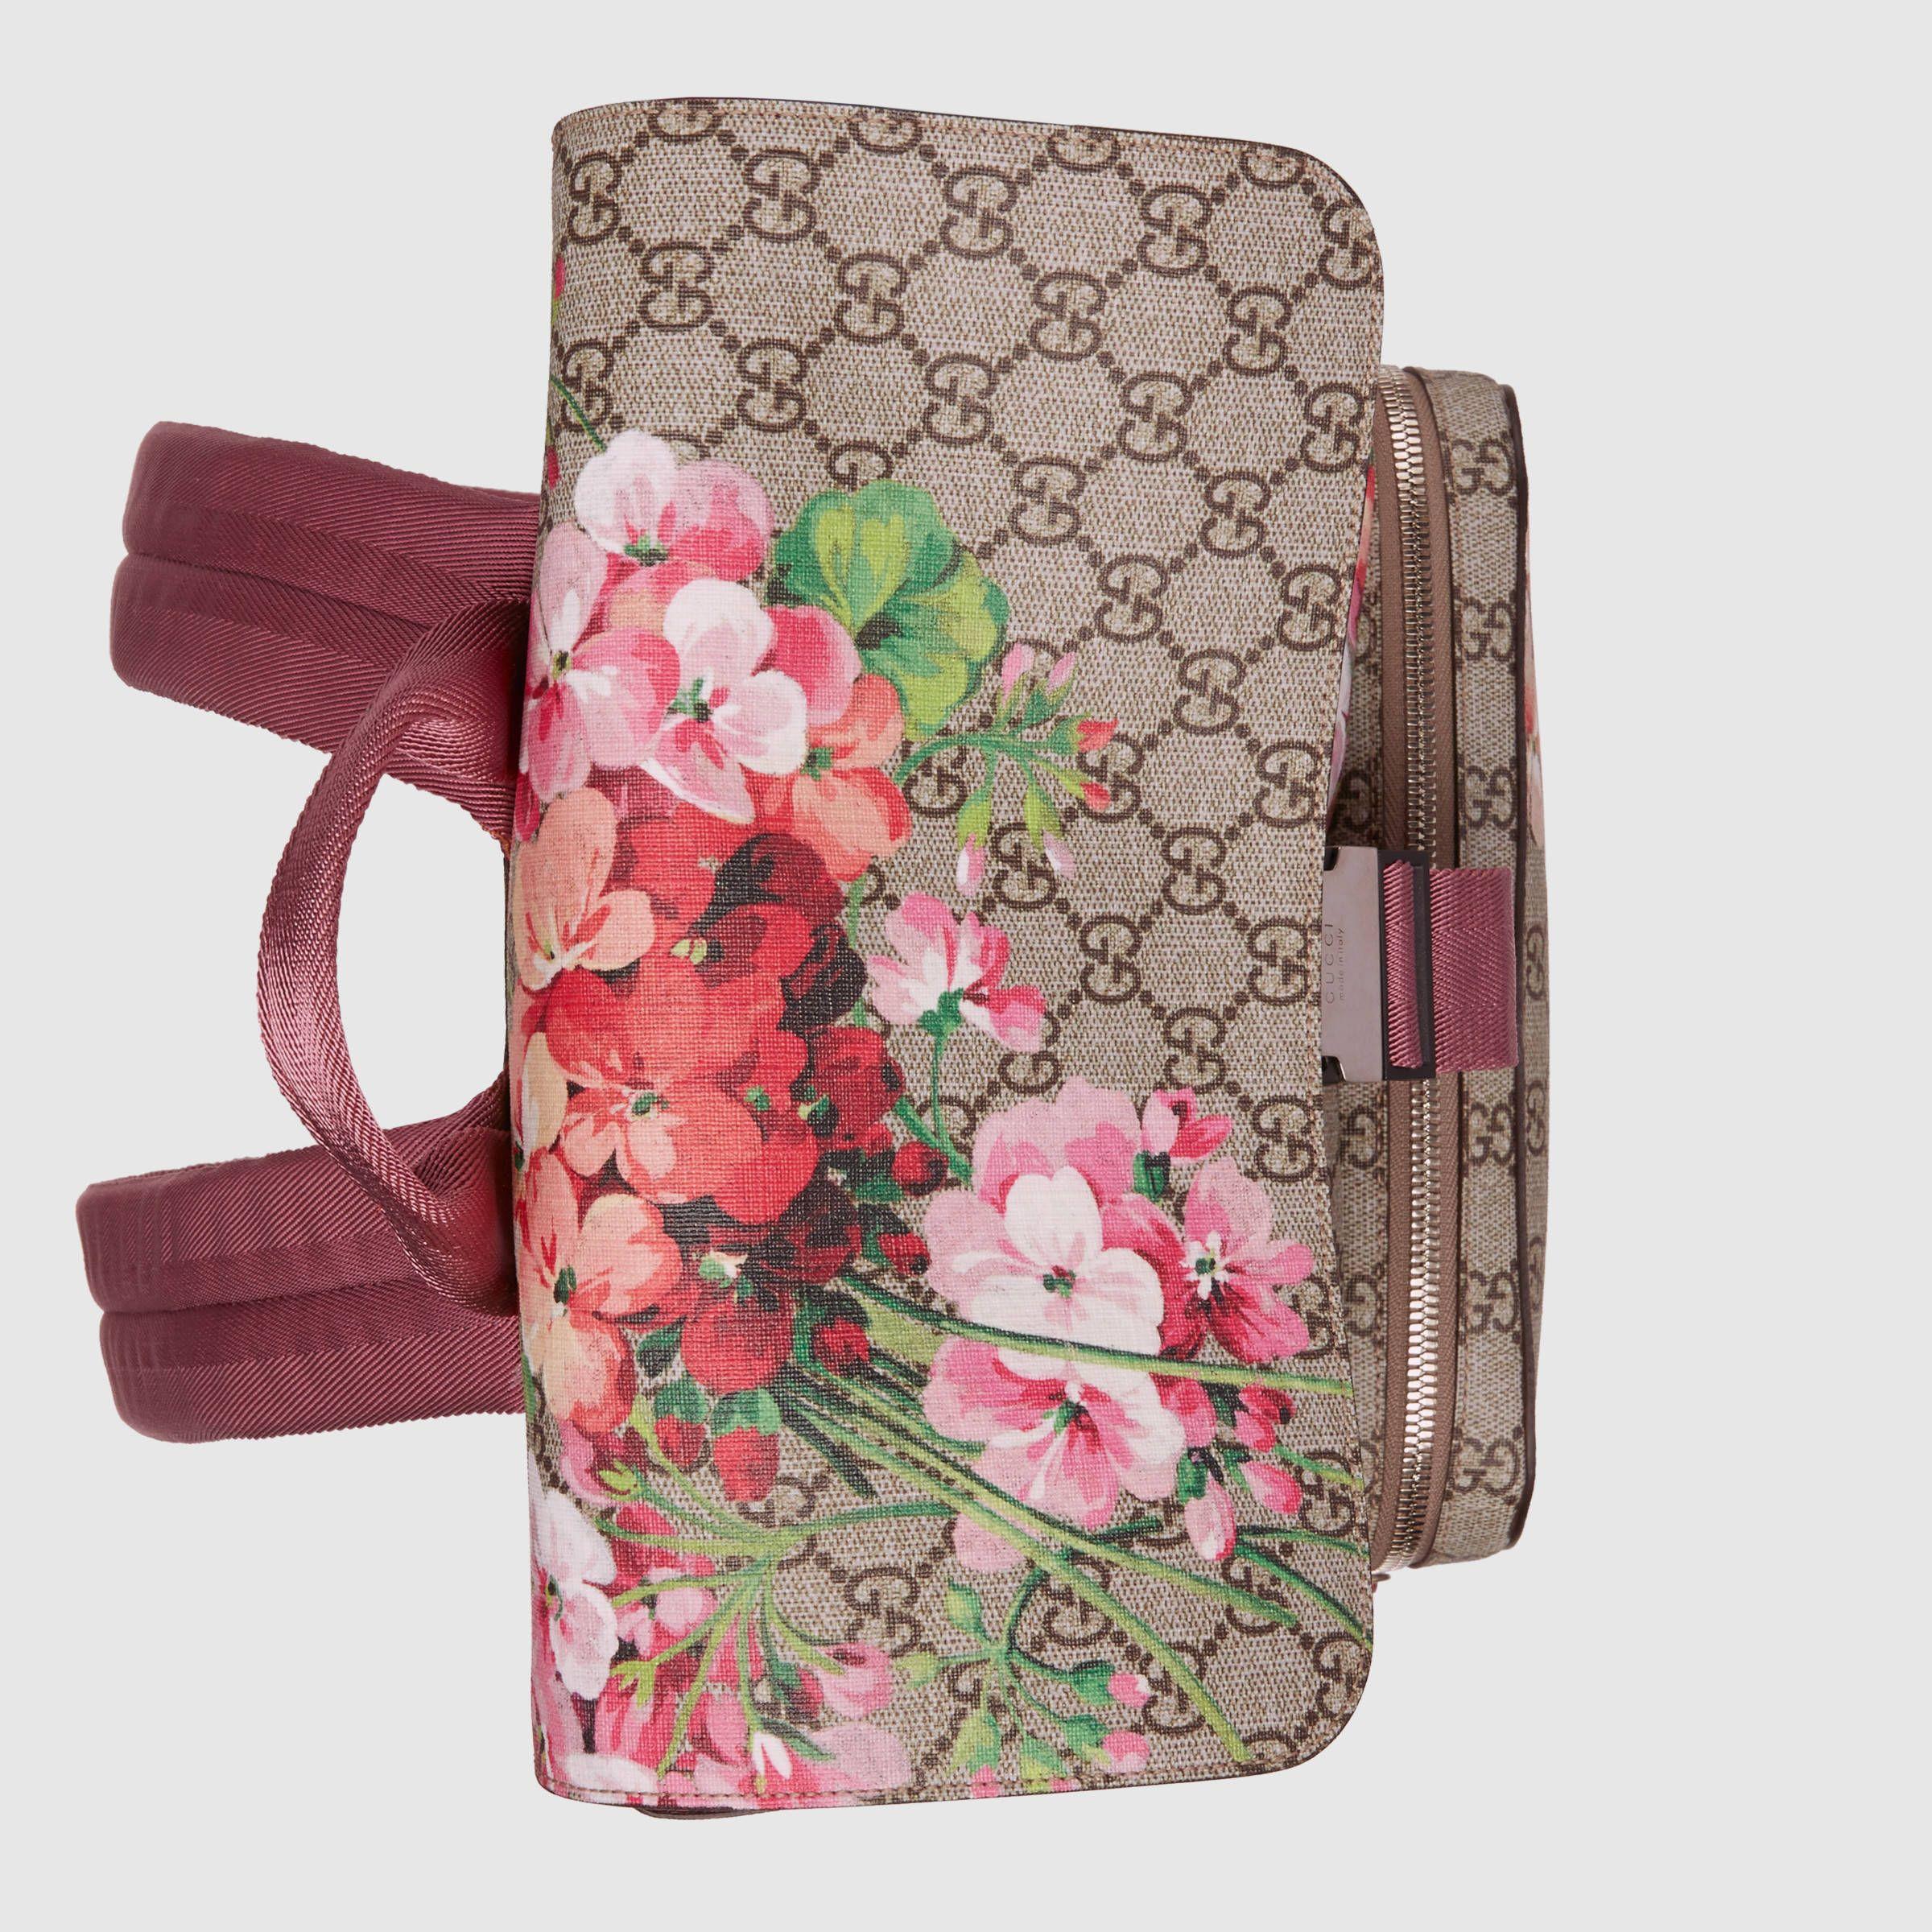 b19ae6e7e73342 GG Blooms backpack - Gucci Women's Backpacks 405019KU2BN8693 ...